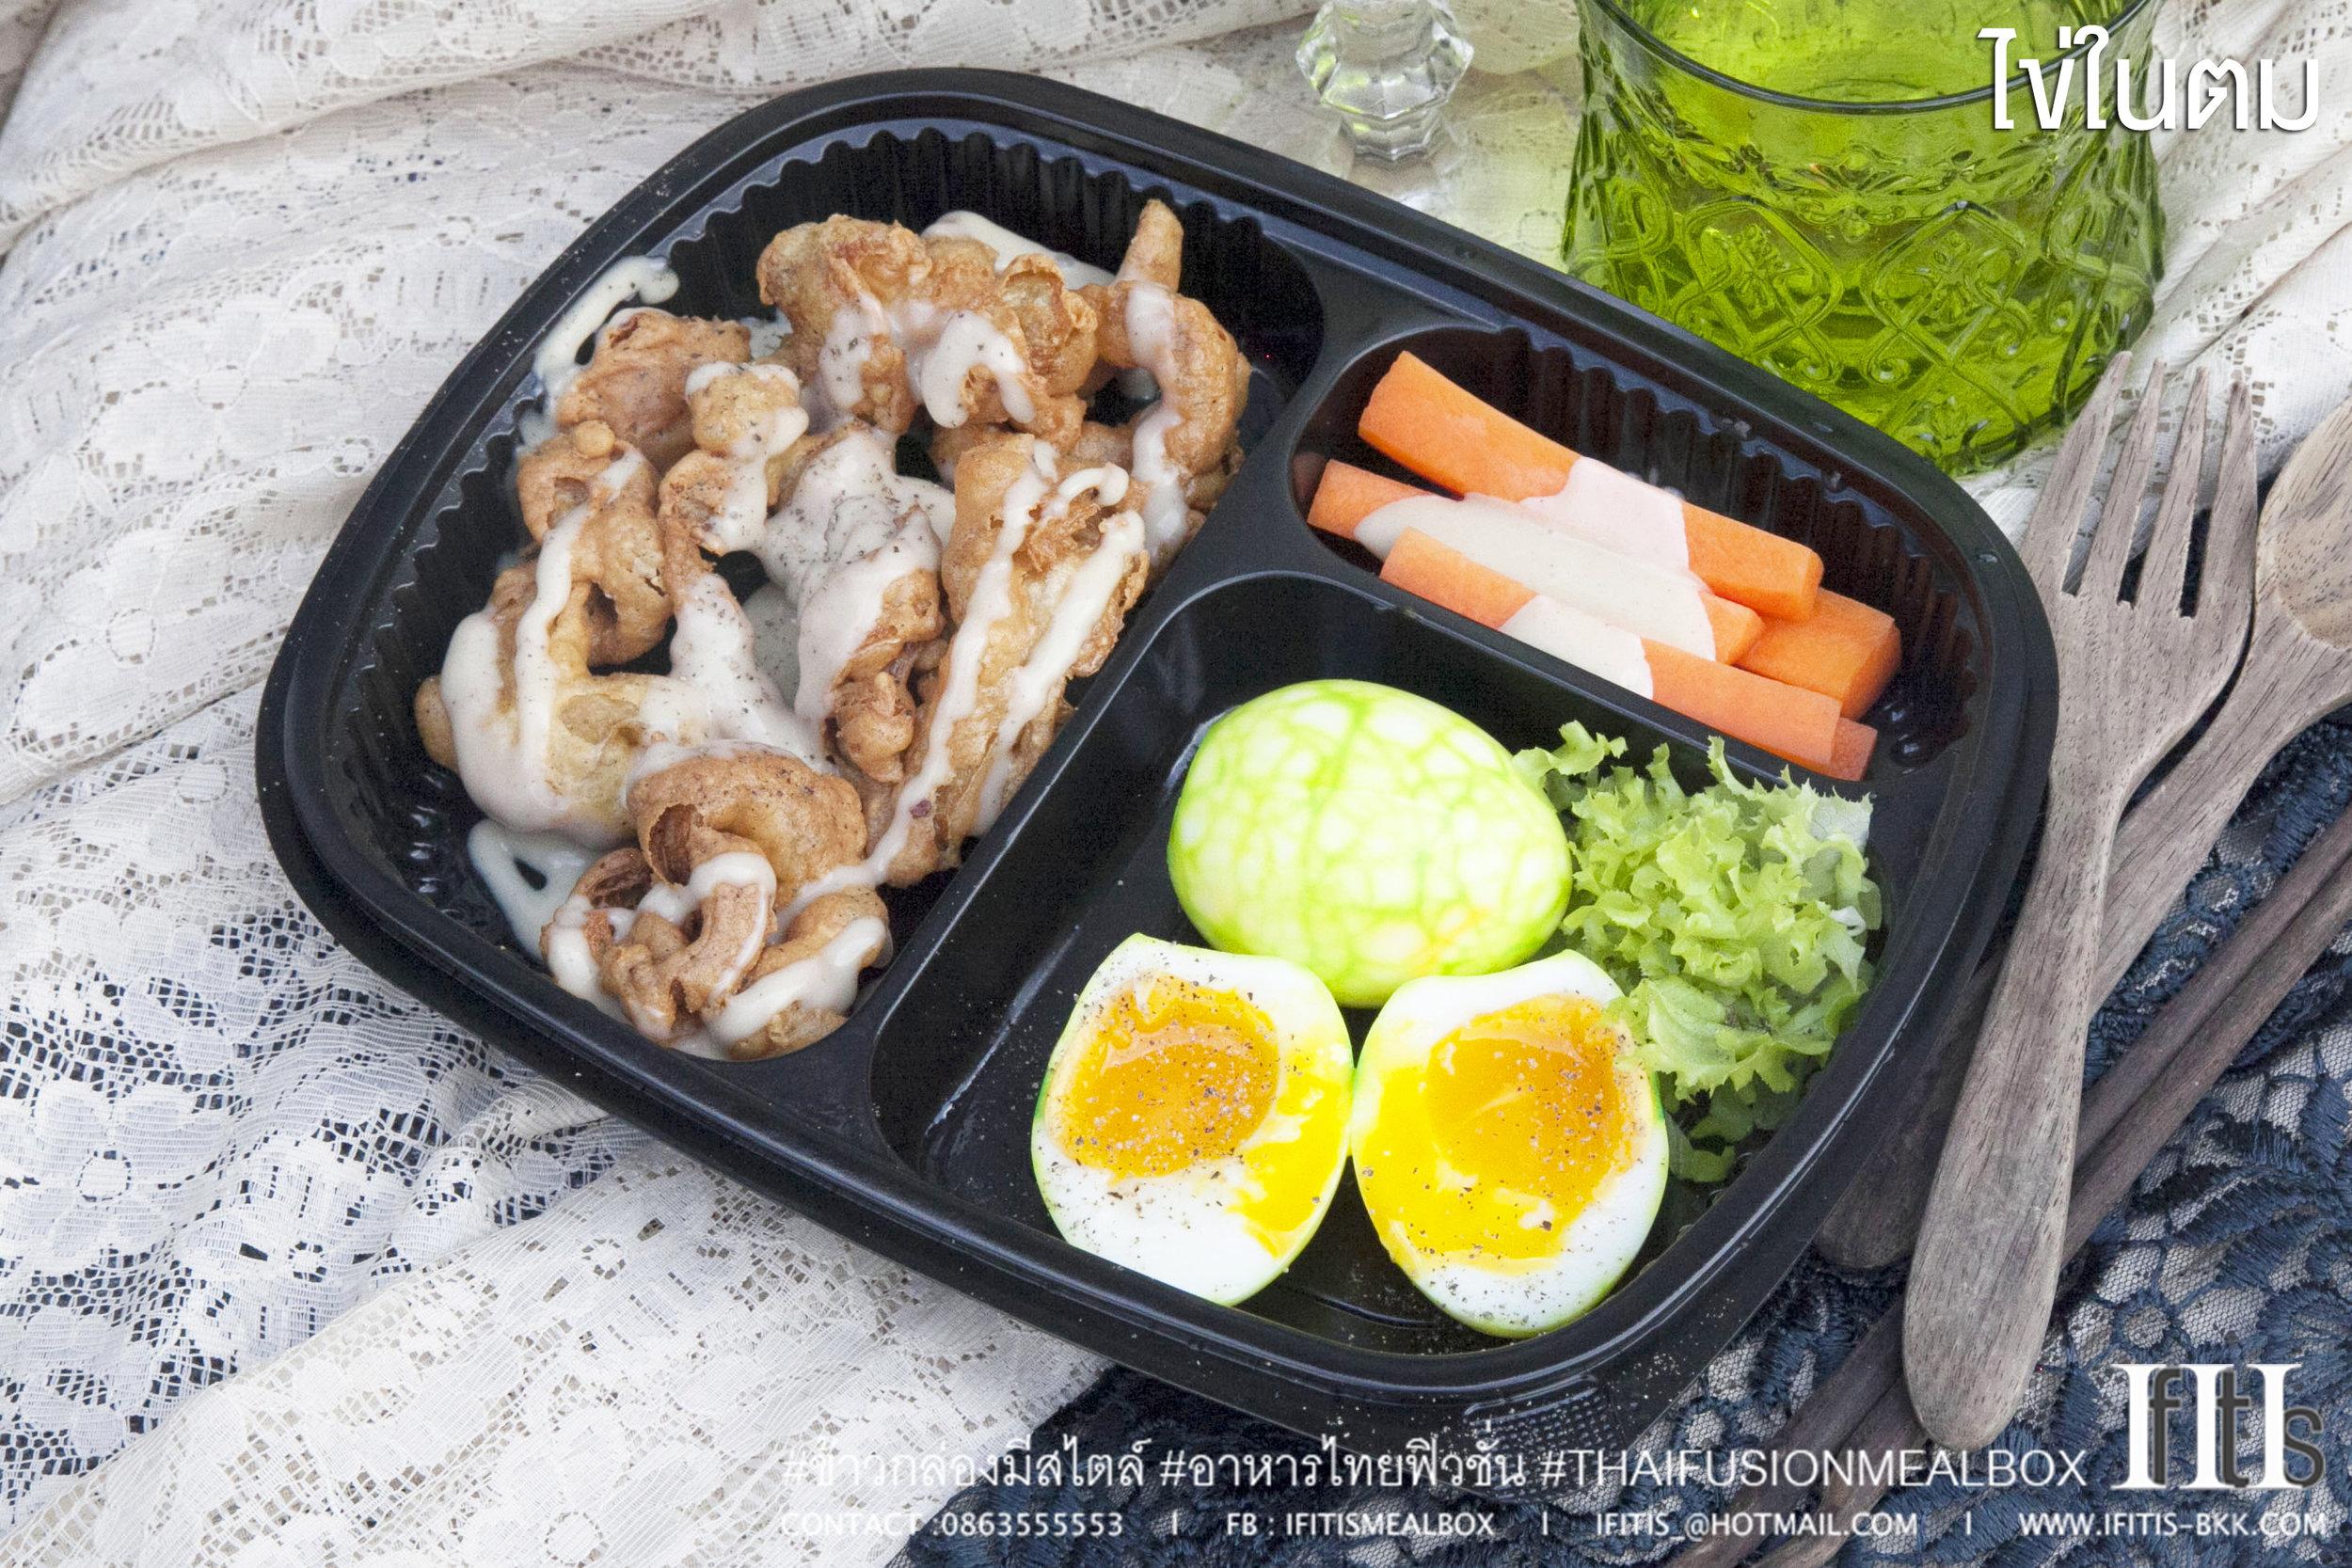 ไข่ในตม - ไข่ในตมของเราทำไข่สดแครอลลี่ต่ำ รสชาตินุ่มละมุนลิ้น ขั้นตอนการผลิตสะอาดปลอดภัย ใช้กล่องสำหรับใส่อาหาร ที่ปลอดสารก่อมะเร็ง